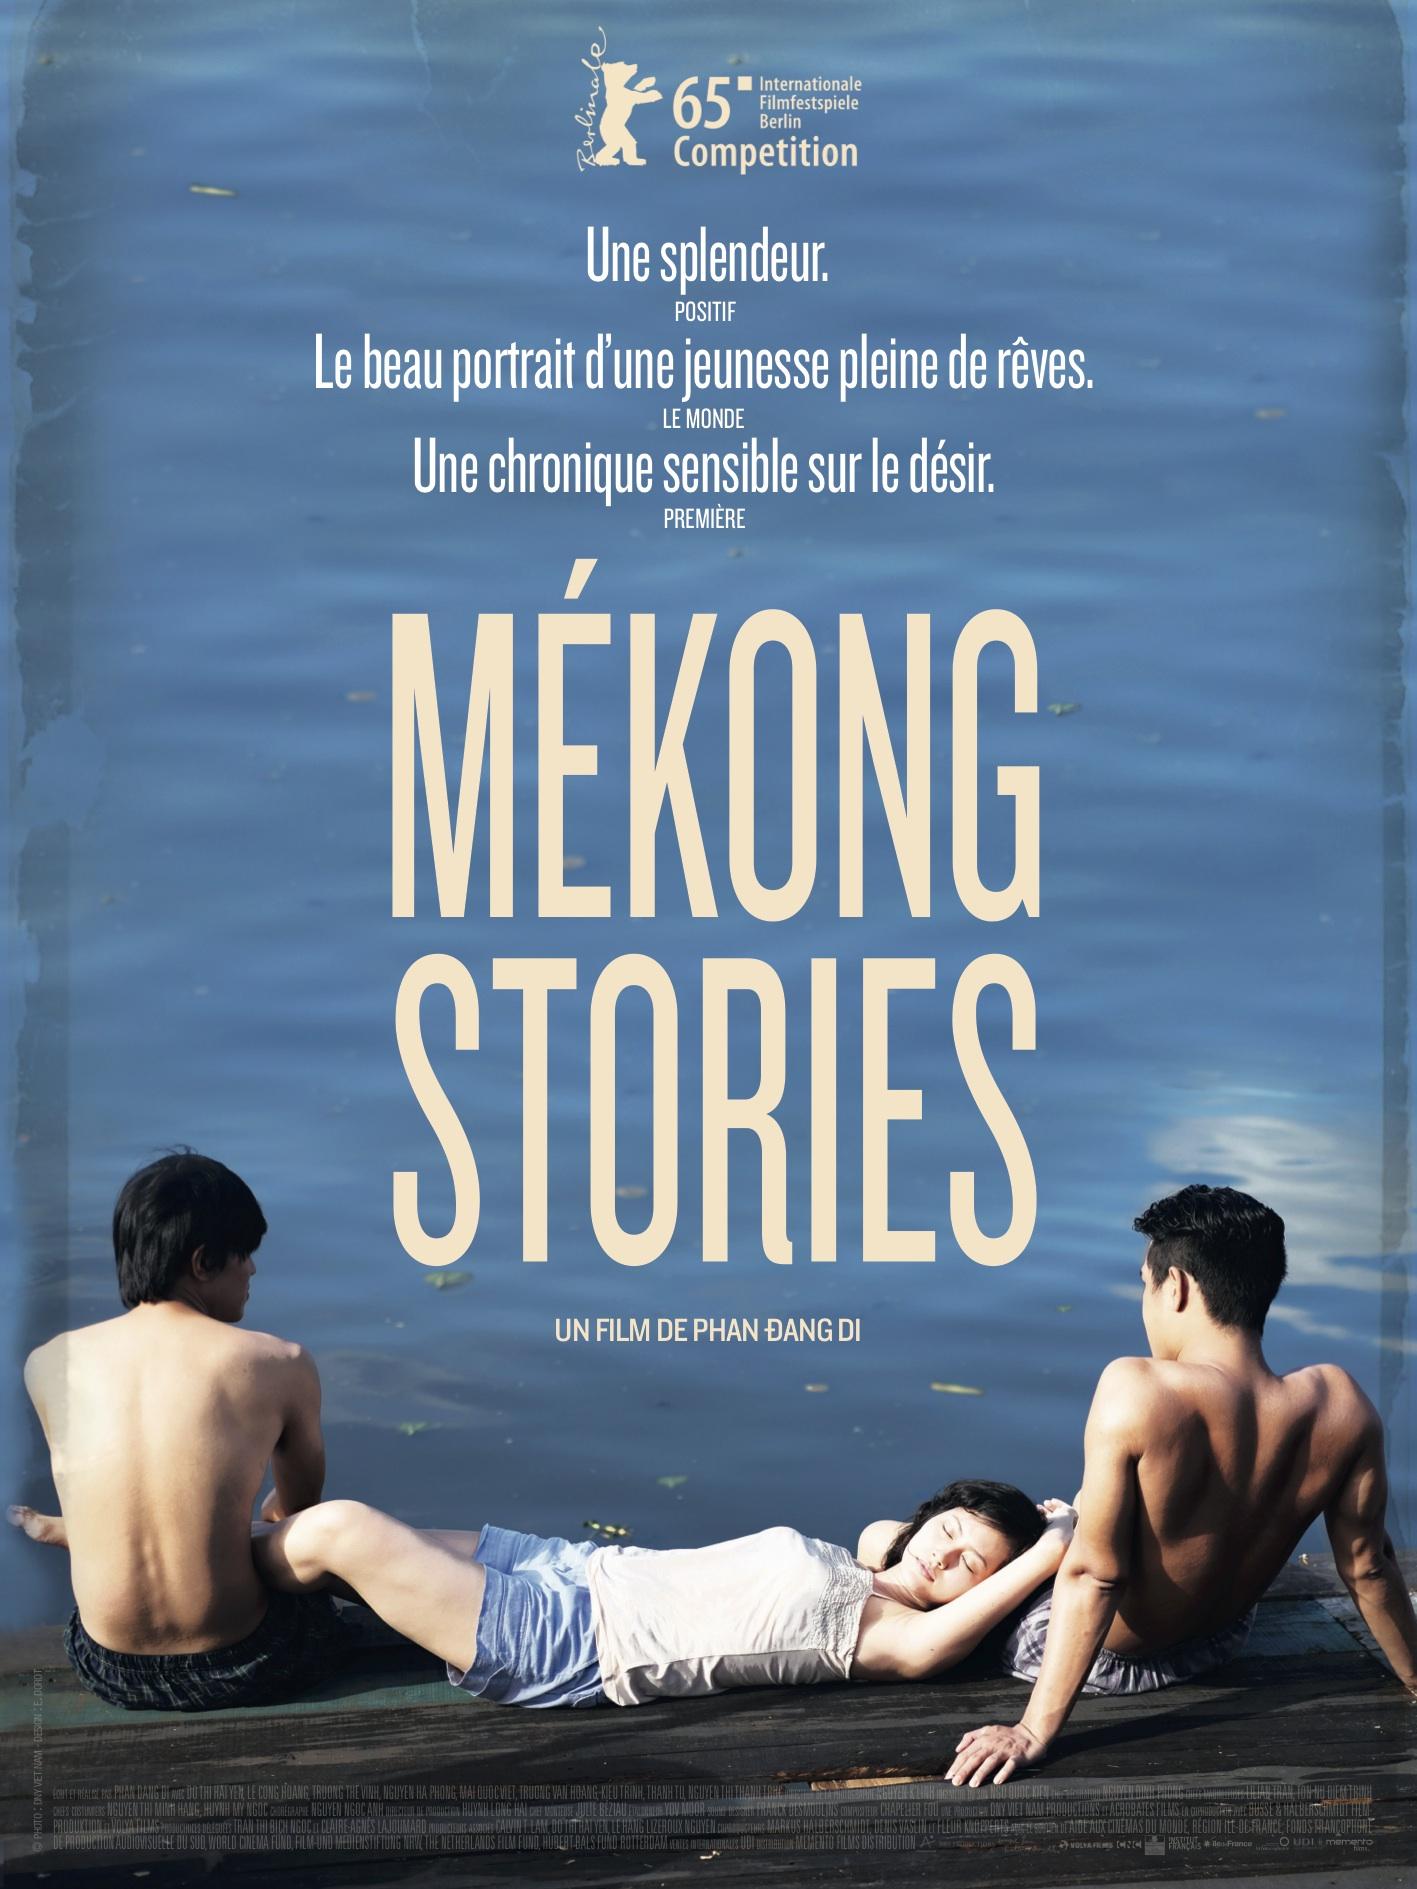 Mekong Stories | Phan, Di Dang (Réalisateur)